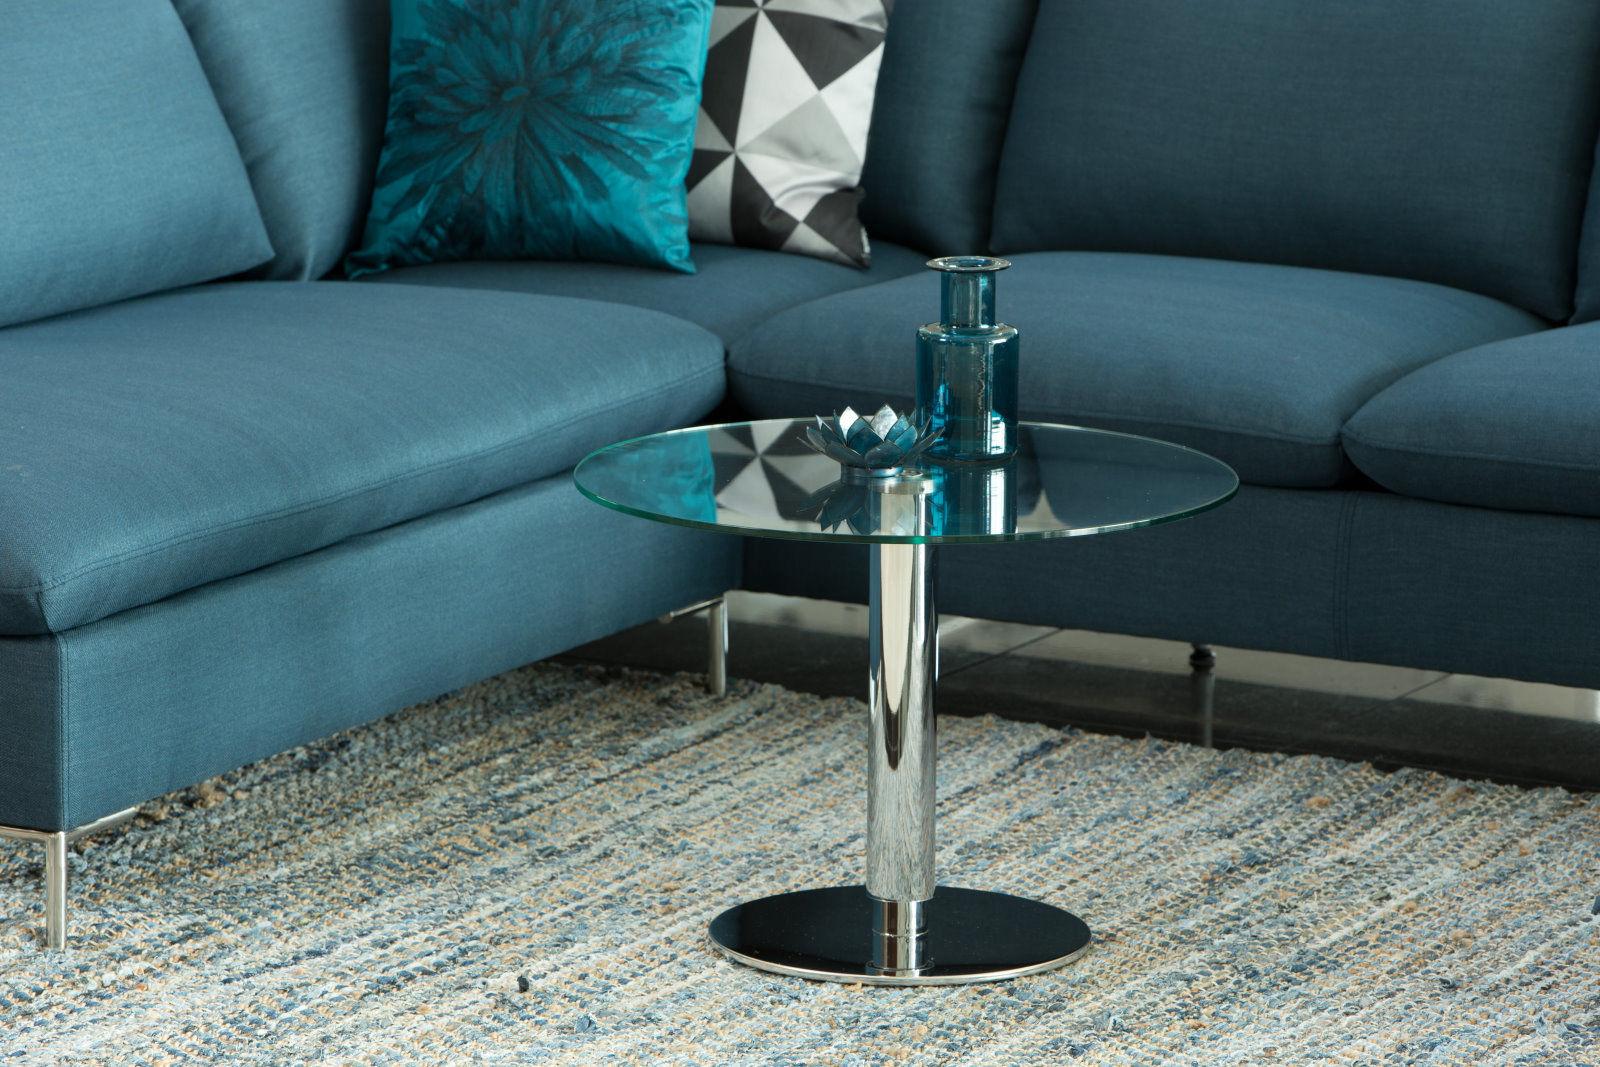 pkline couchtisch mit glasplatte 60cm wohnzimmer tisch. Black Bedroom Furniture Sets. Home Design Ideas